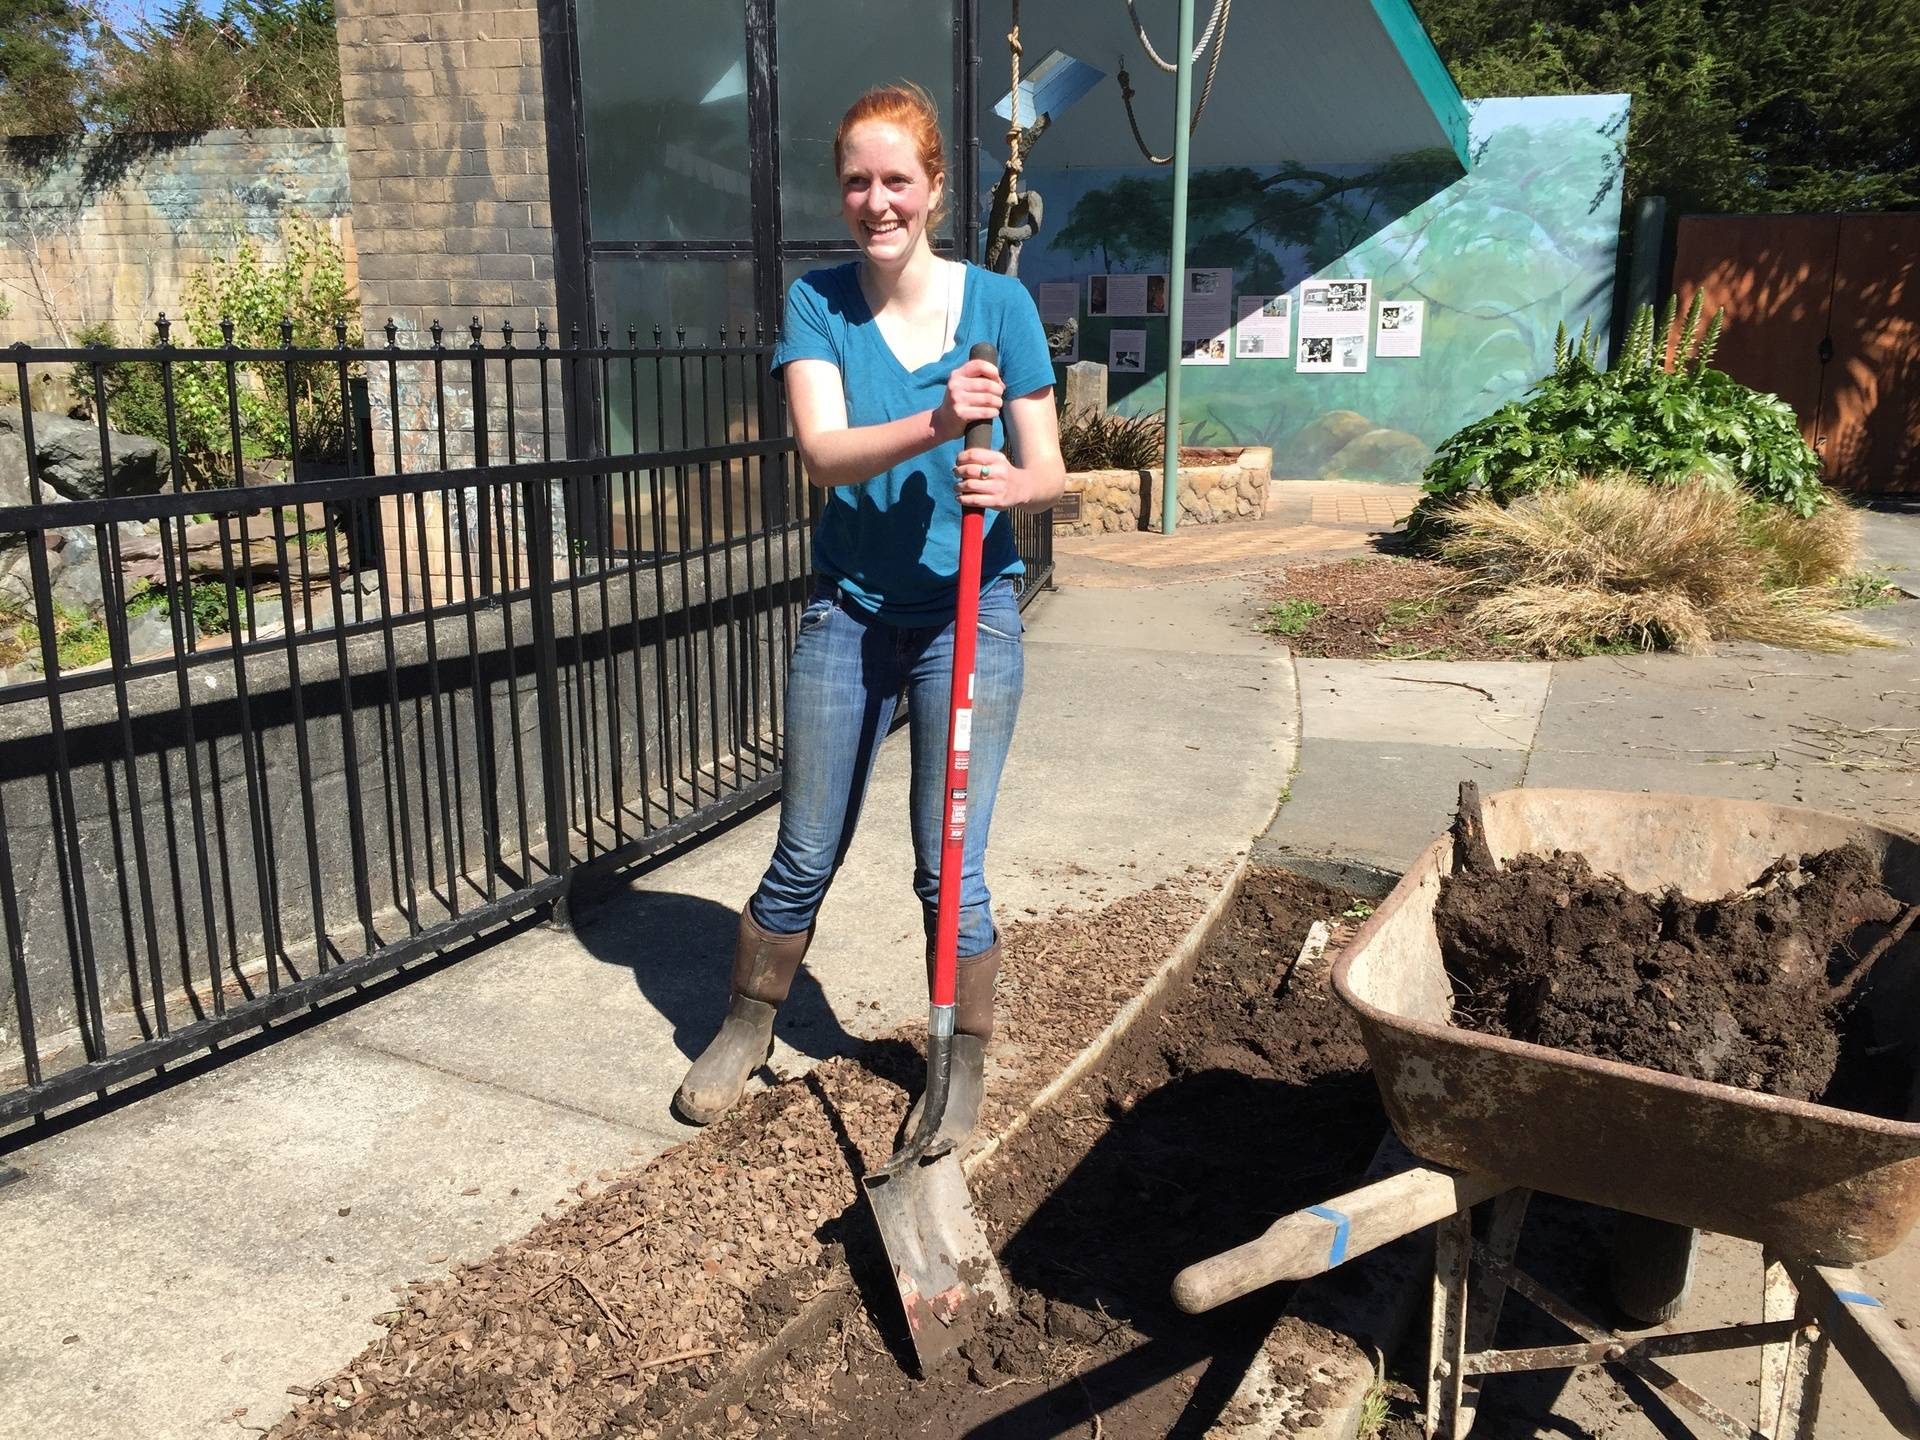 Emily preparing the soil